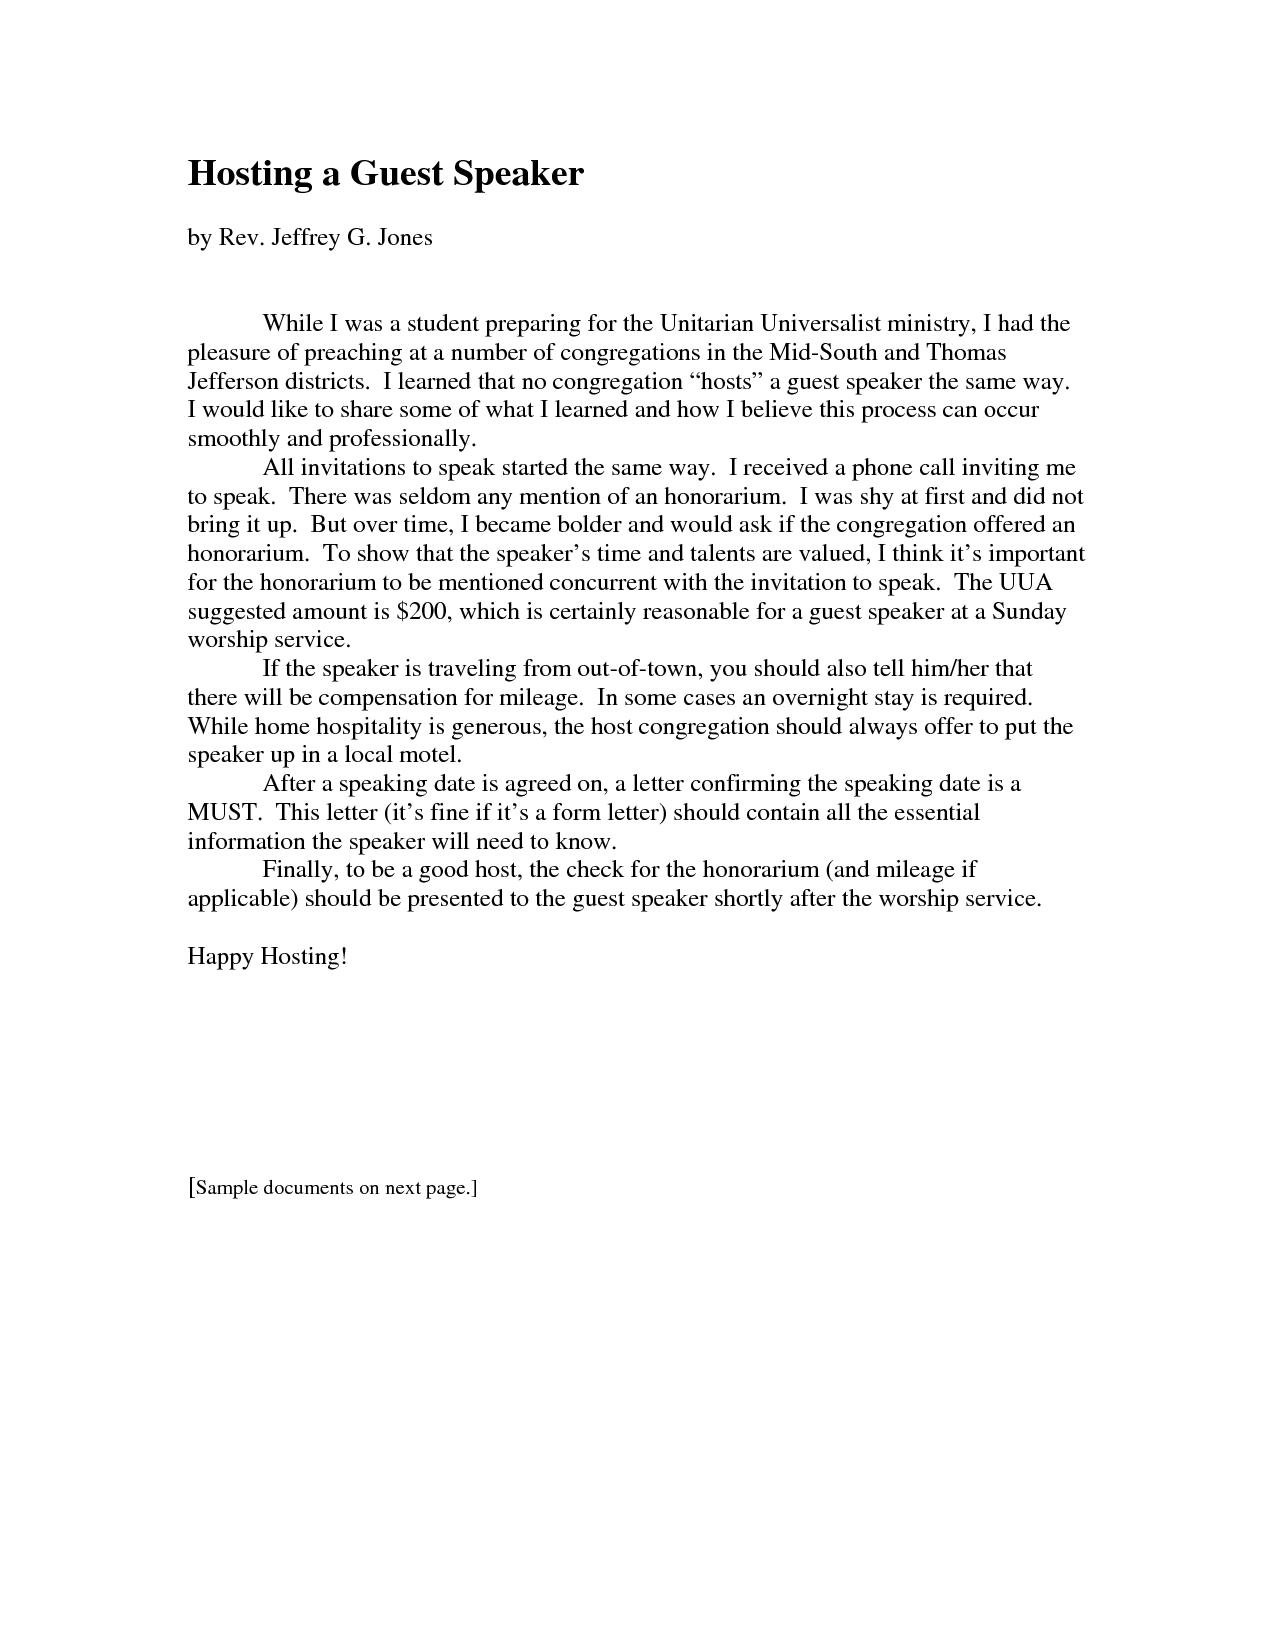 Church Guest Speaker Invitation Letter